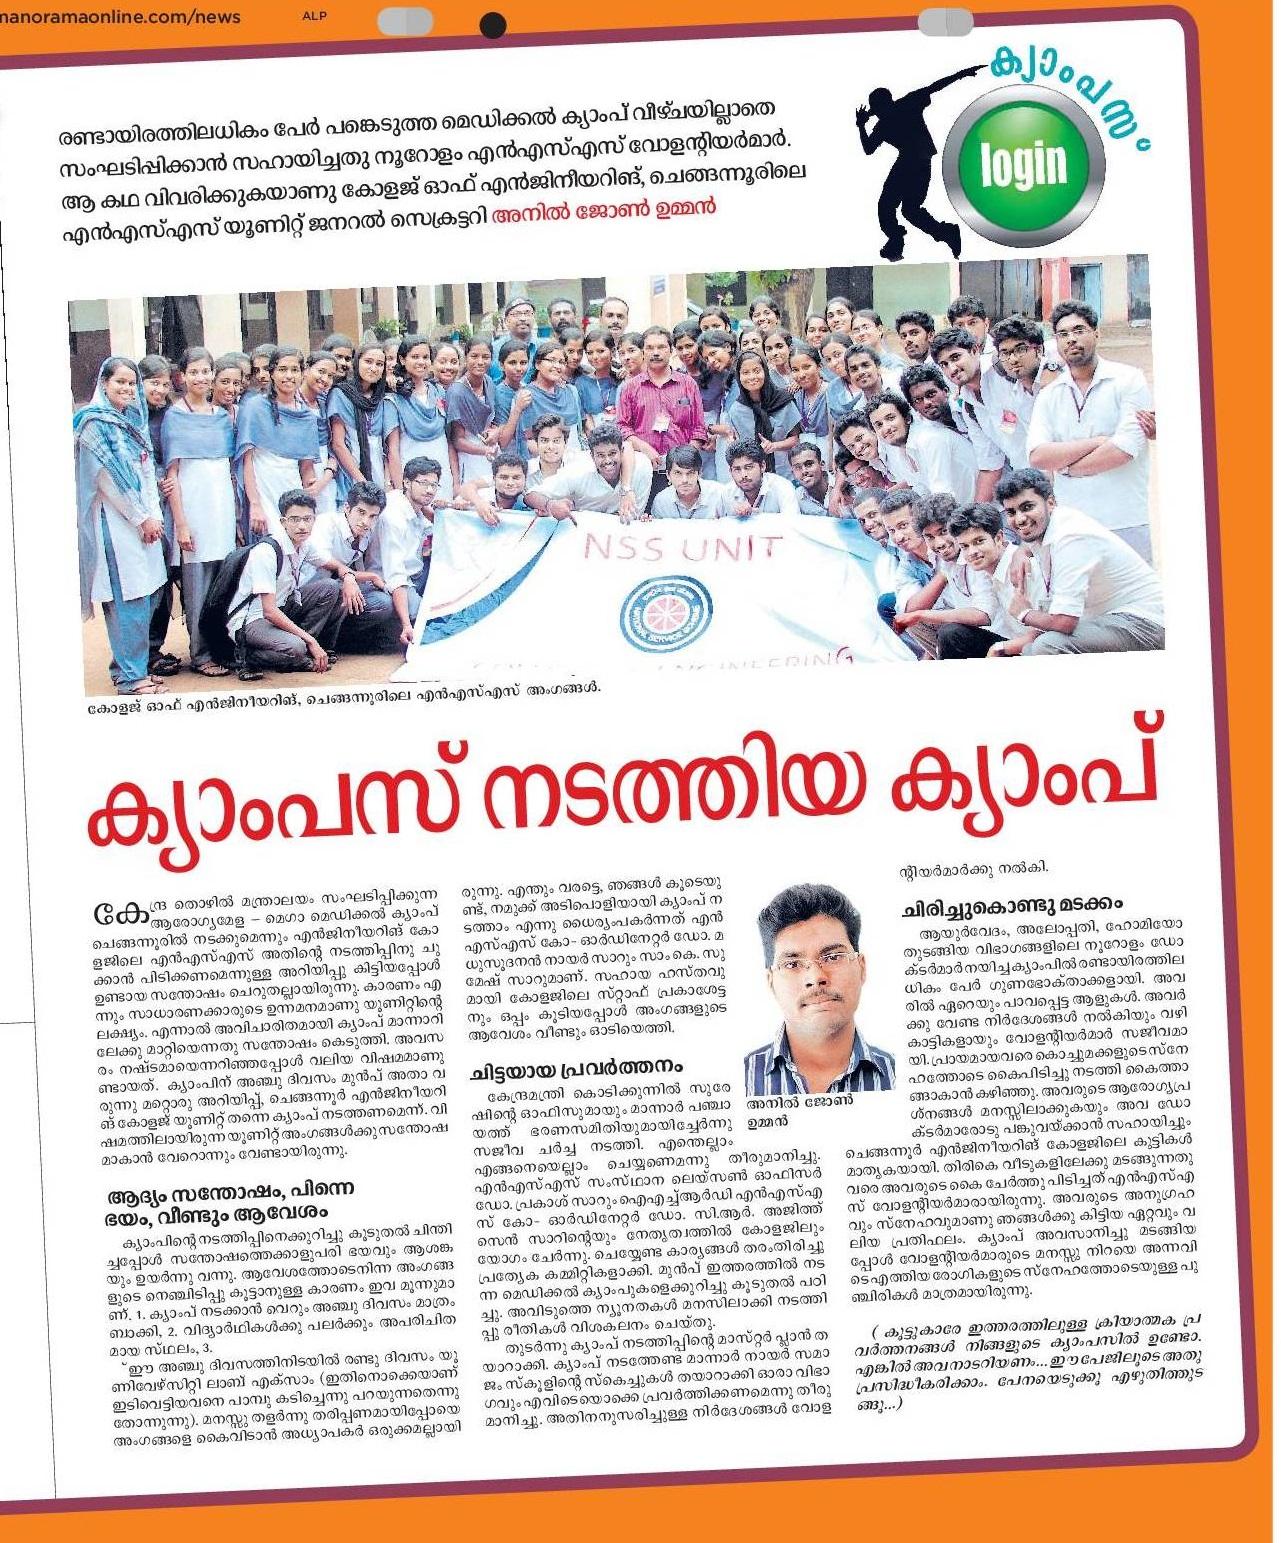 CEC NSS_News_Manorama_10-Dec-2013